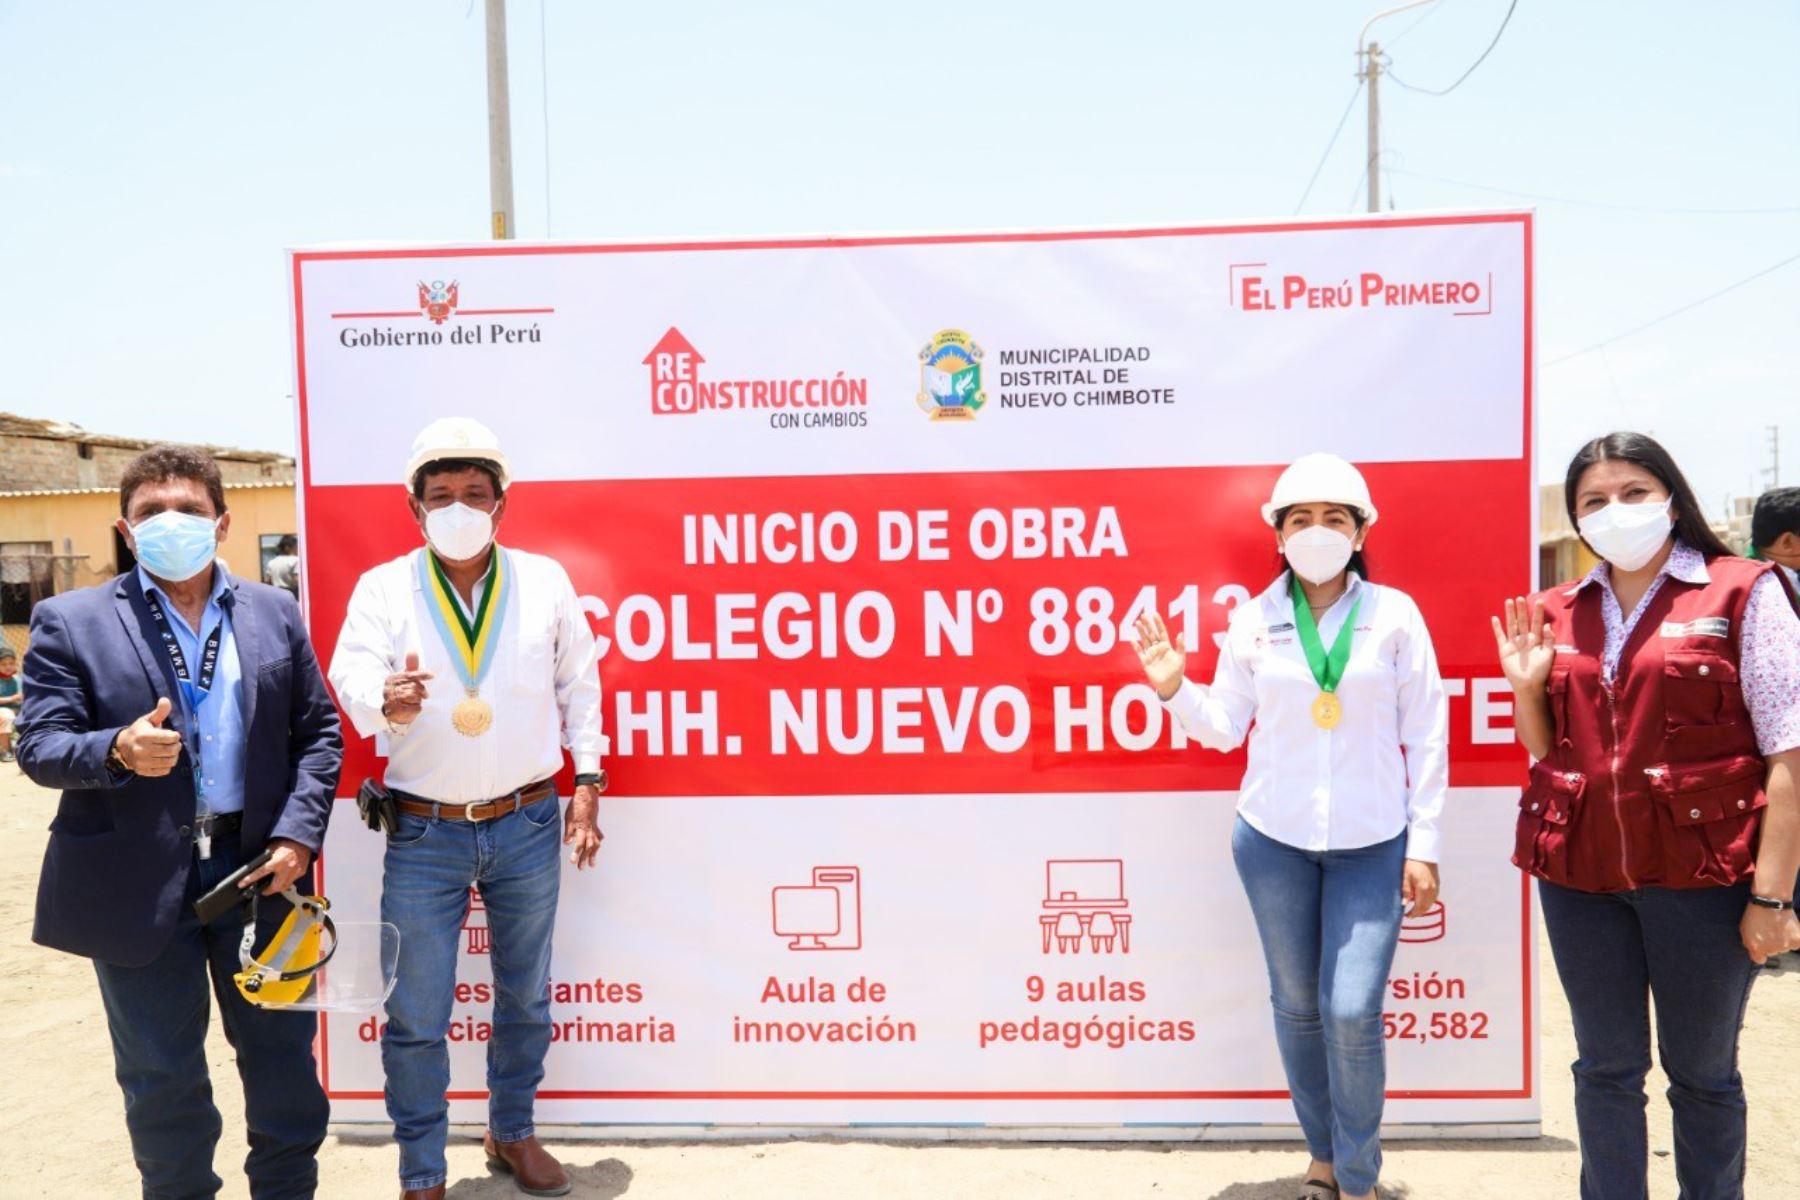 La directora ejecutiva de la ARCC, Amalia Moreno, anunció que se ejecutan las primeras licitaciones para obras en diez provincias de Áncash. Foto: ANDINA/Difusión